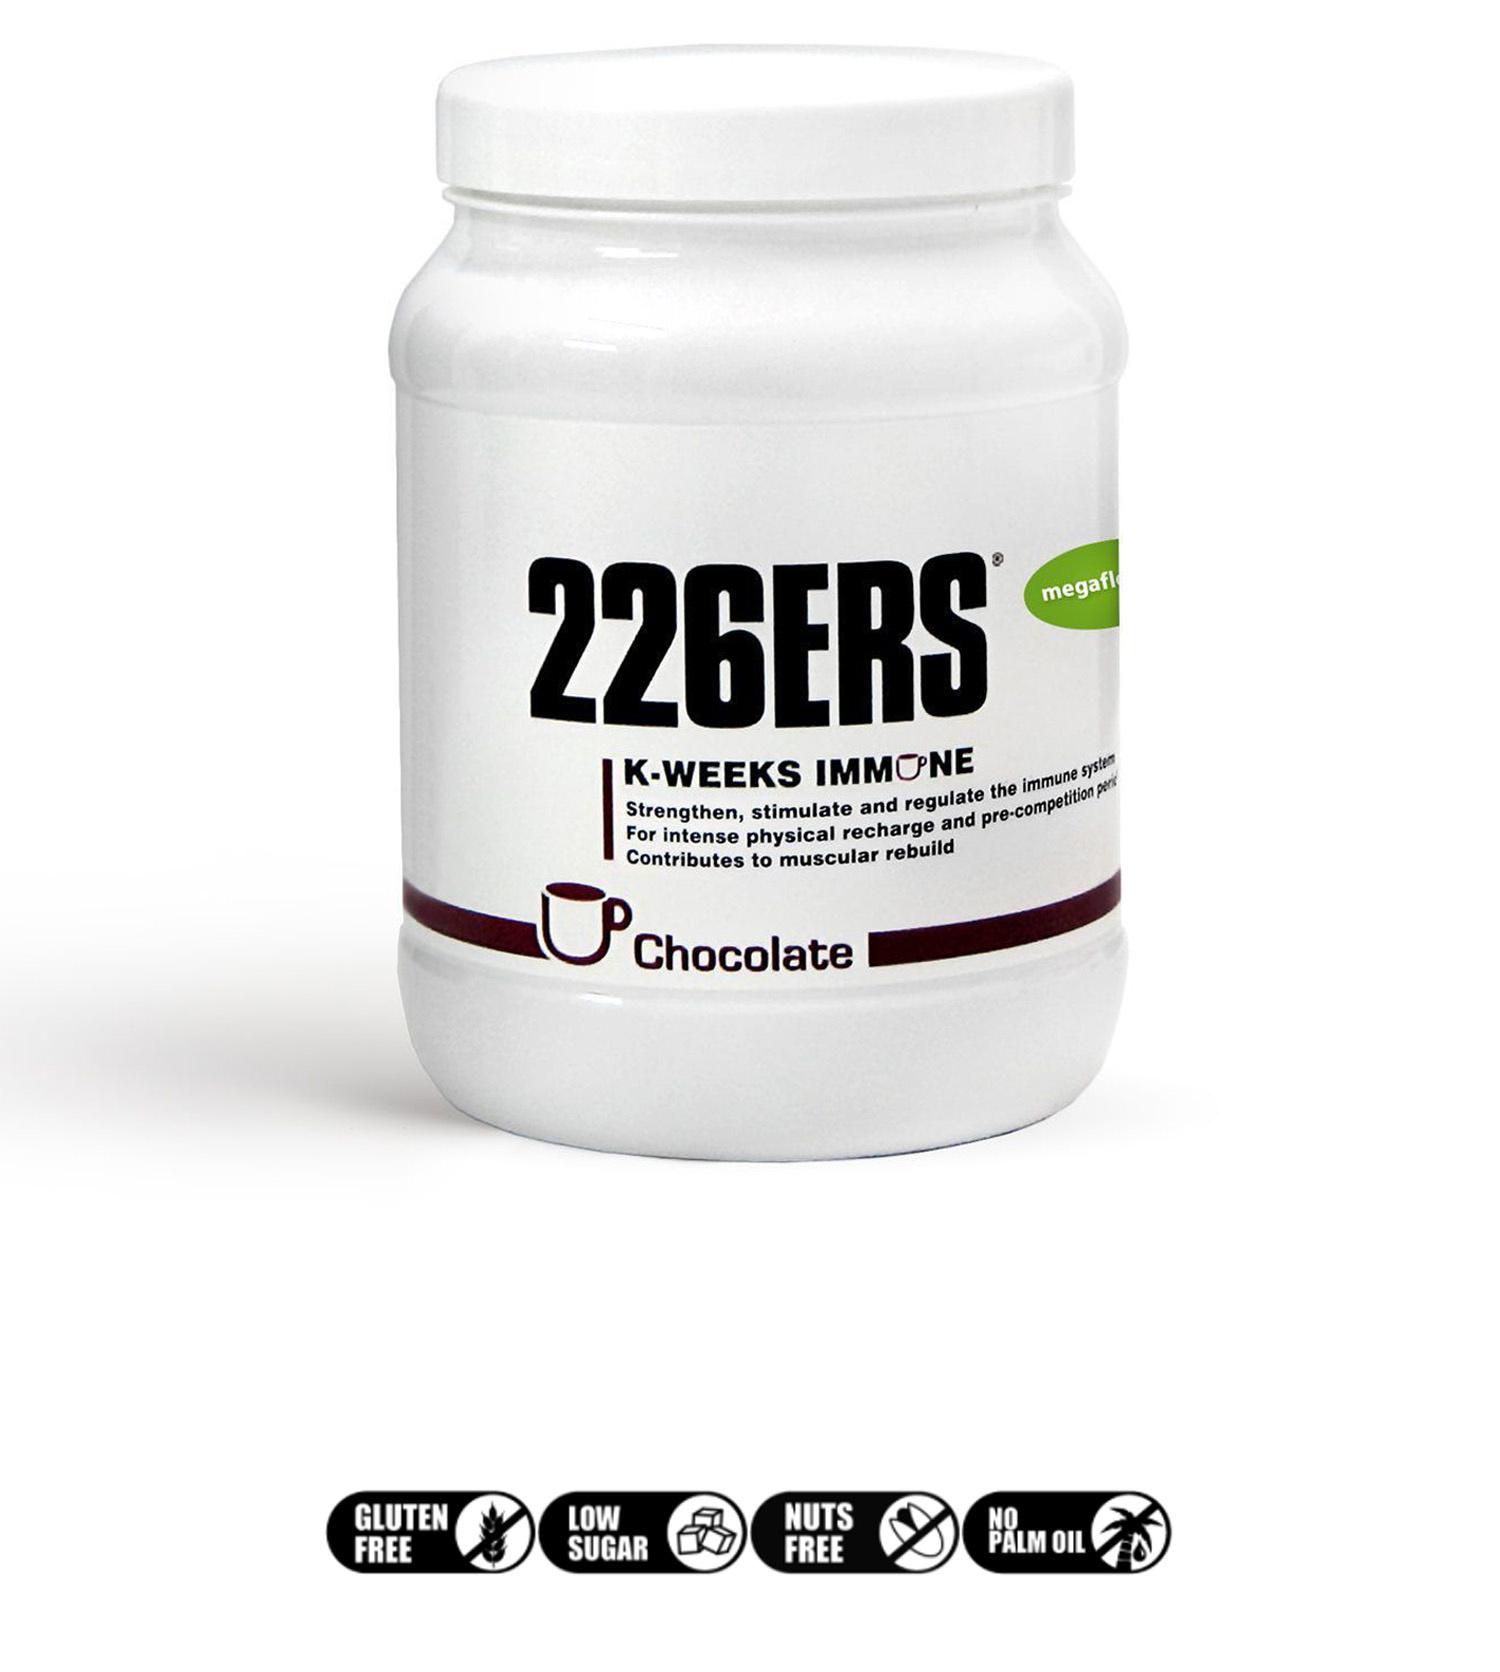 226ERS | K-Weeks Immune-5